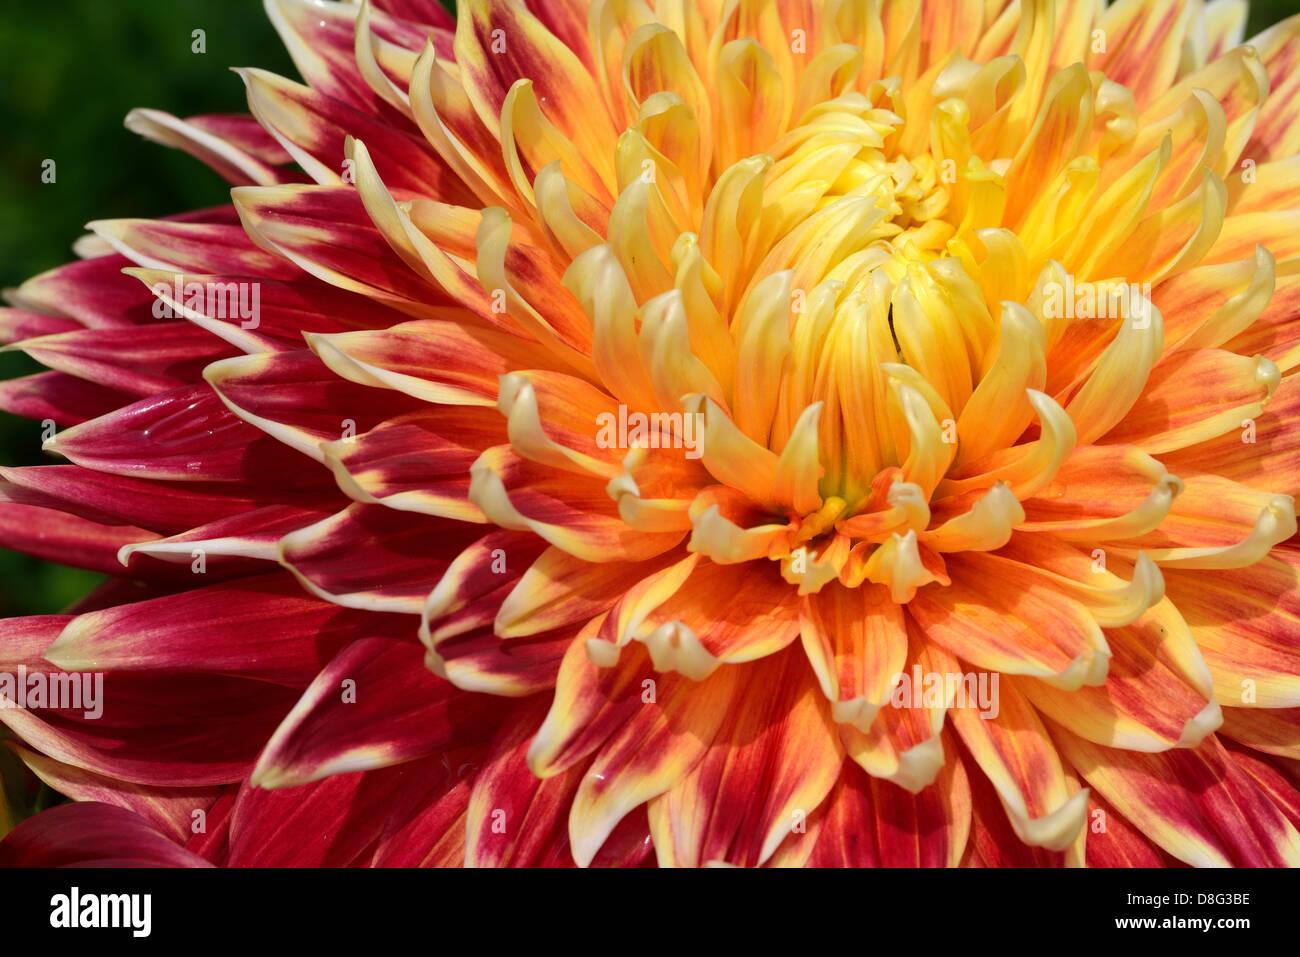 Dahlia Symbolism Stock Photos Dahlia Symbolism Stock Images Alamy